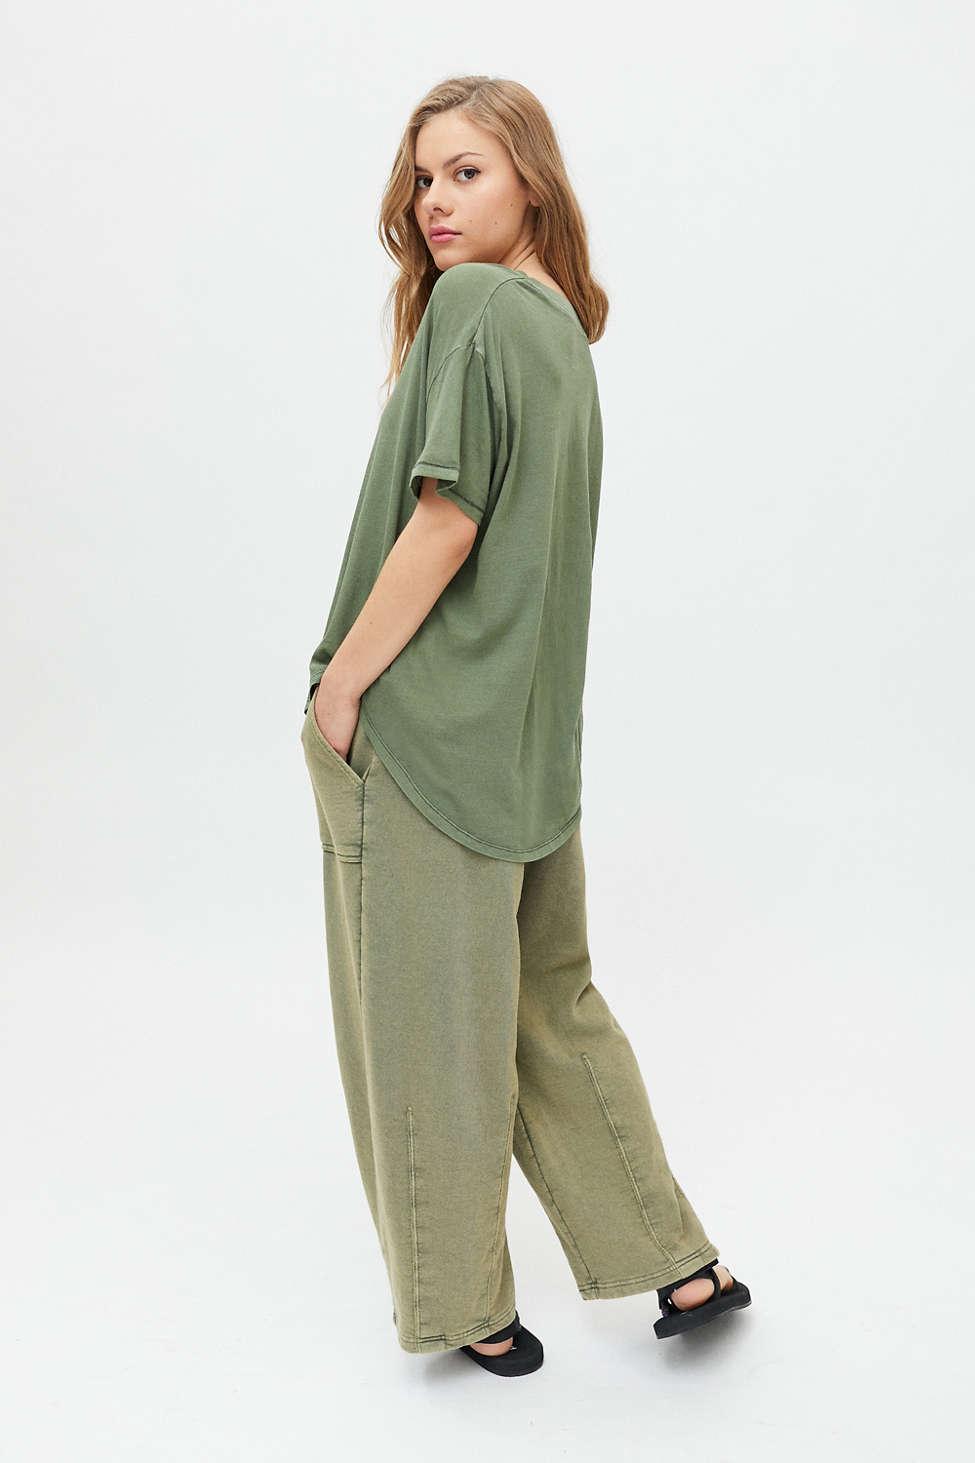 UO Jadie Split-Neck Top | Urban Outfitters